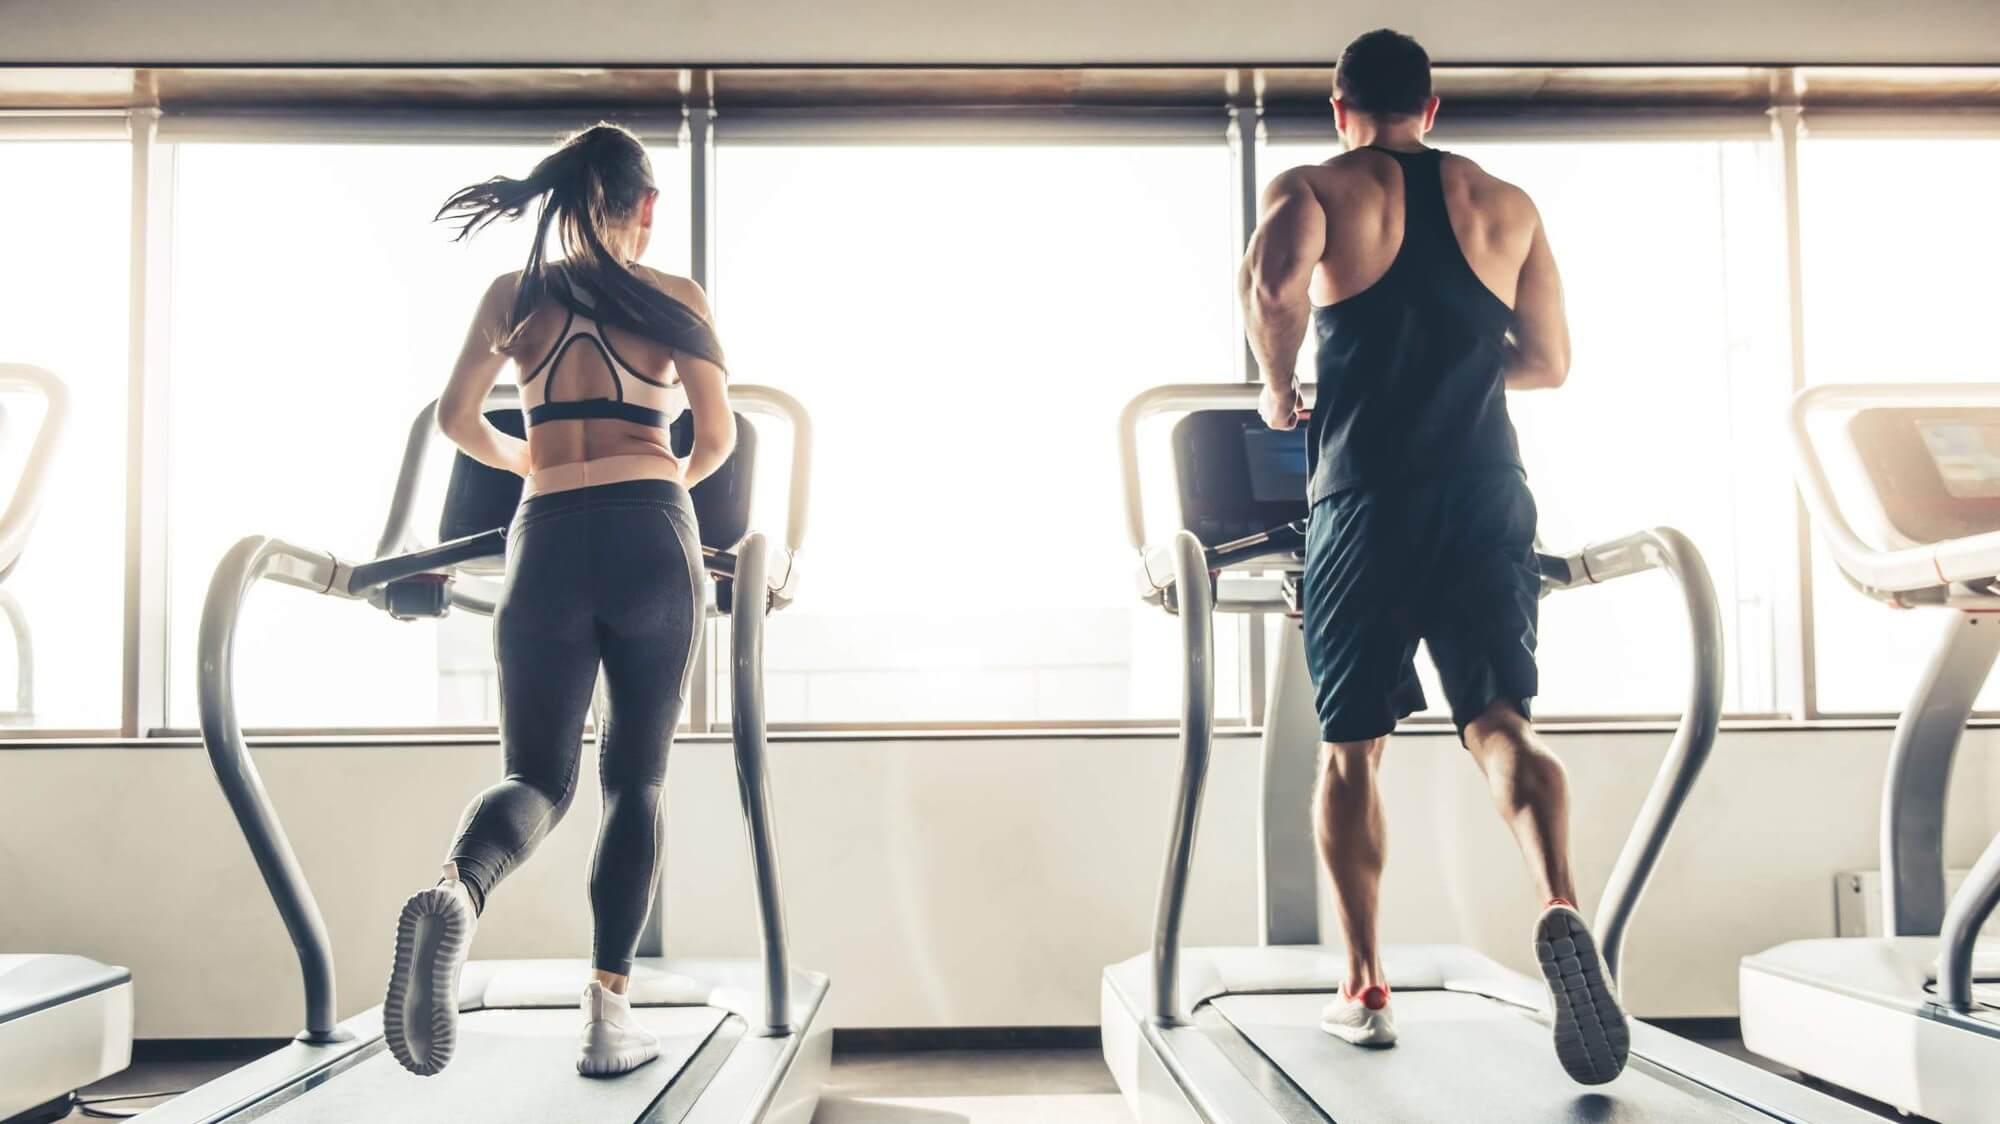 cadio với máy chạy bộ giúp giảm cân hiệu quả